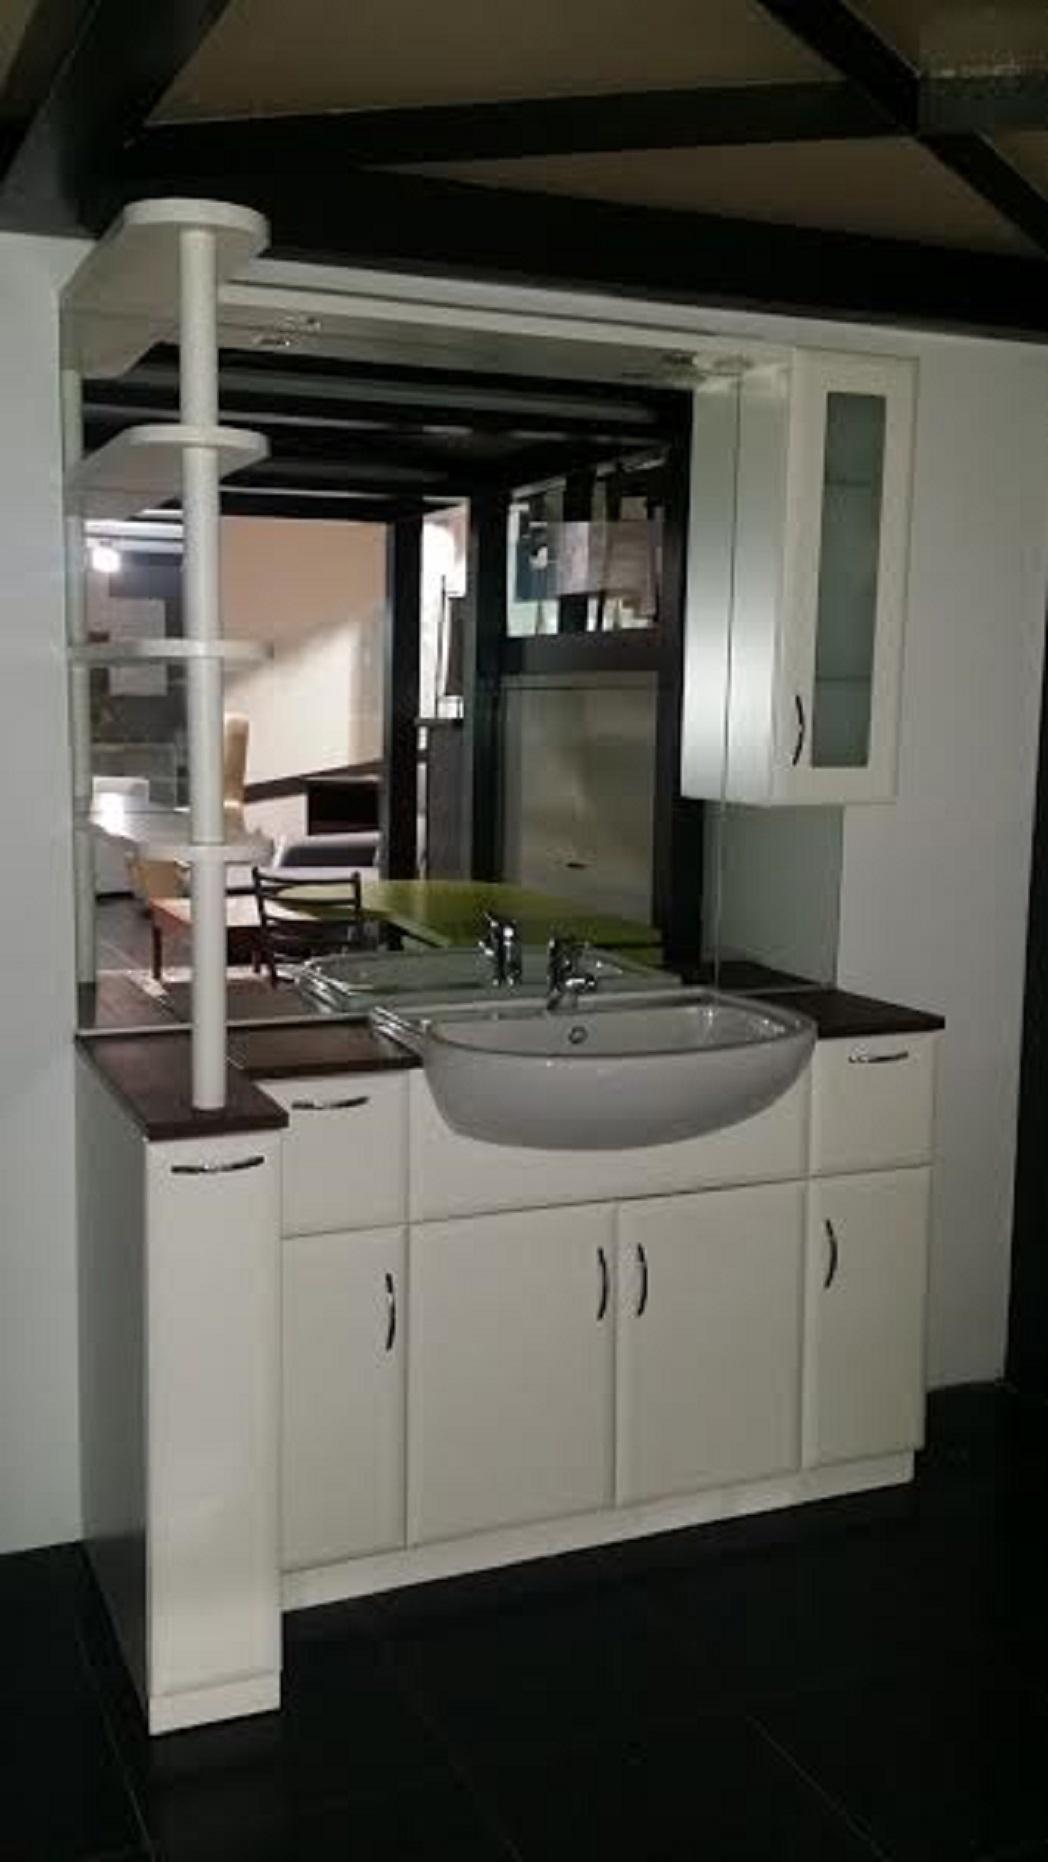 Arredo bagno moderno a terra laccato opaco scontato del 52 arredo bagno a prezzi scontati - Mobile bagno moderno a terra ...